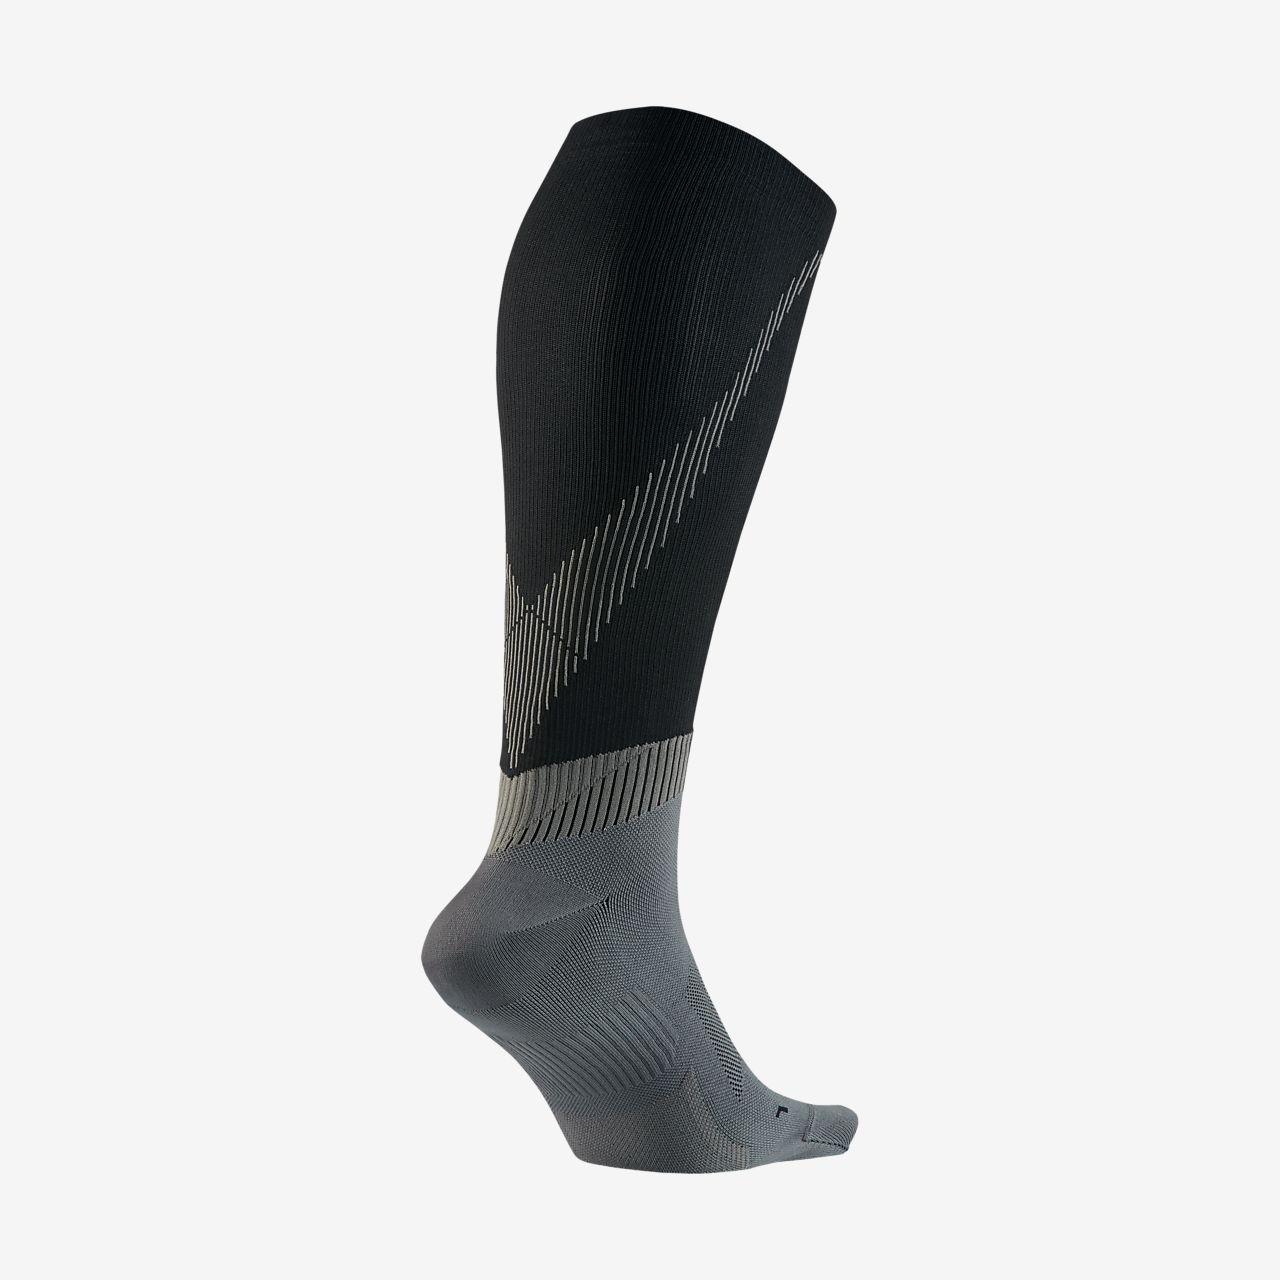 ... Nike Elite Over-The-Calf Running Socks